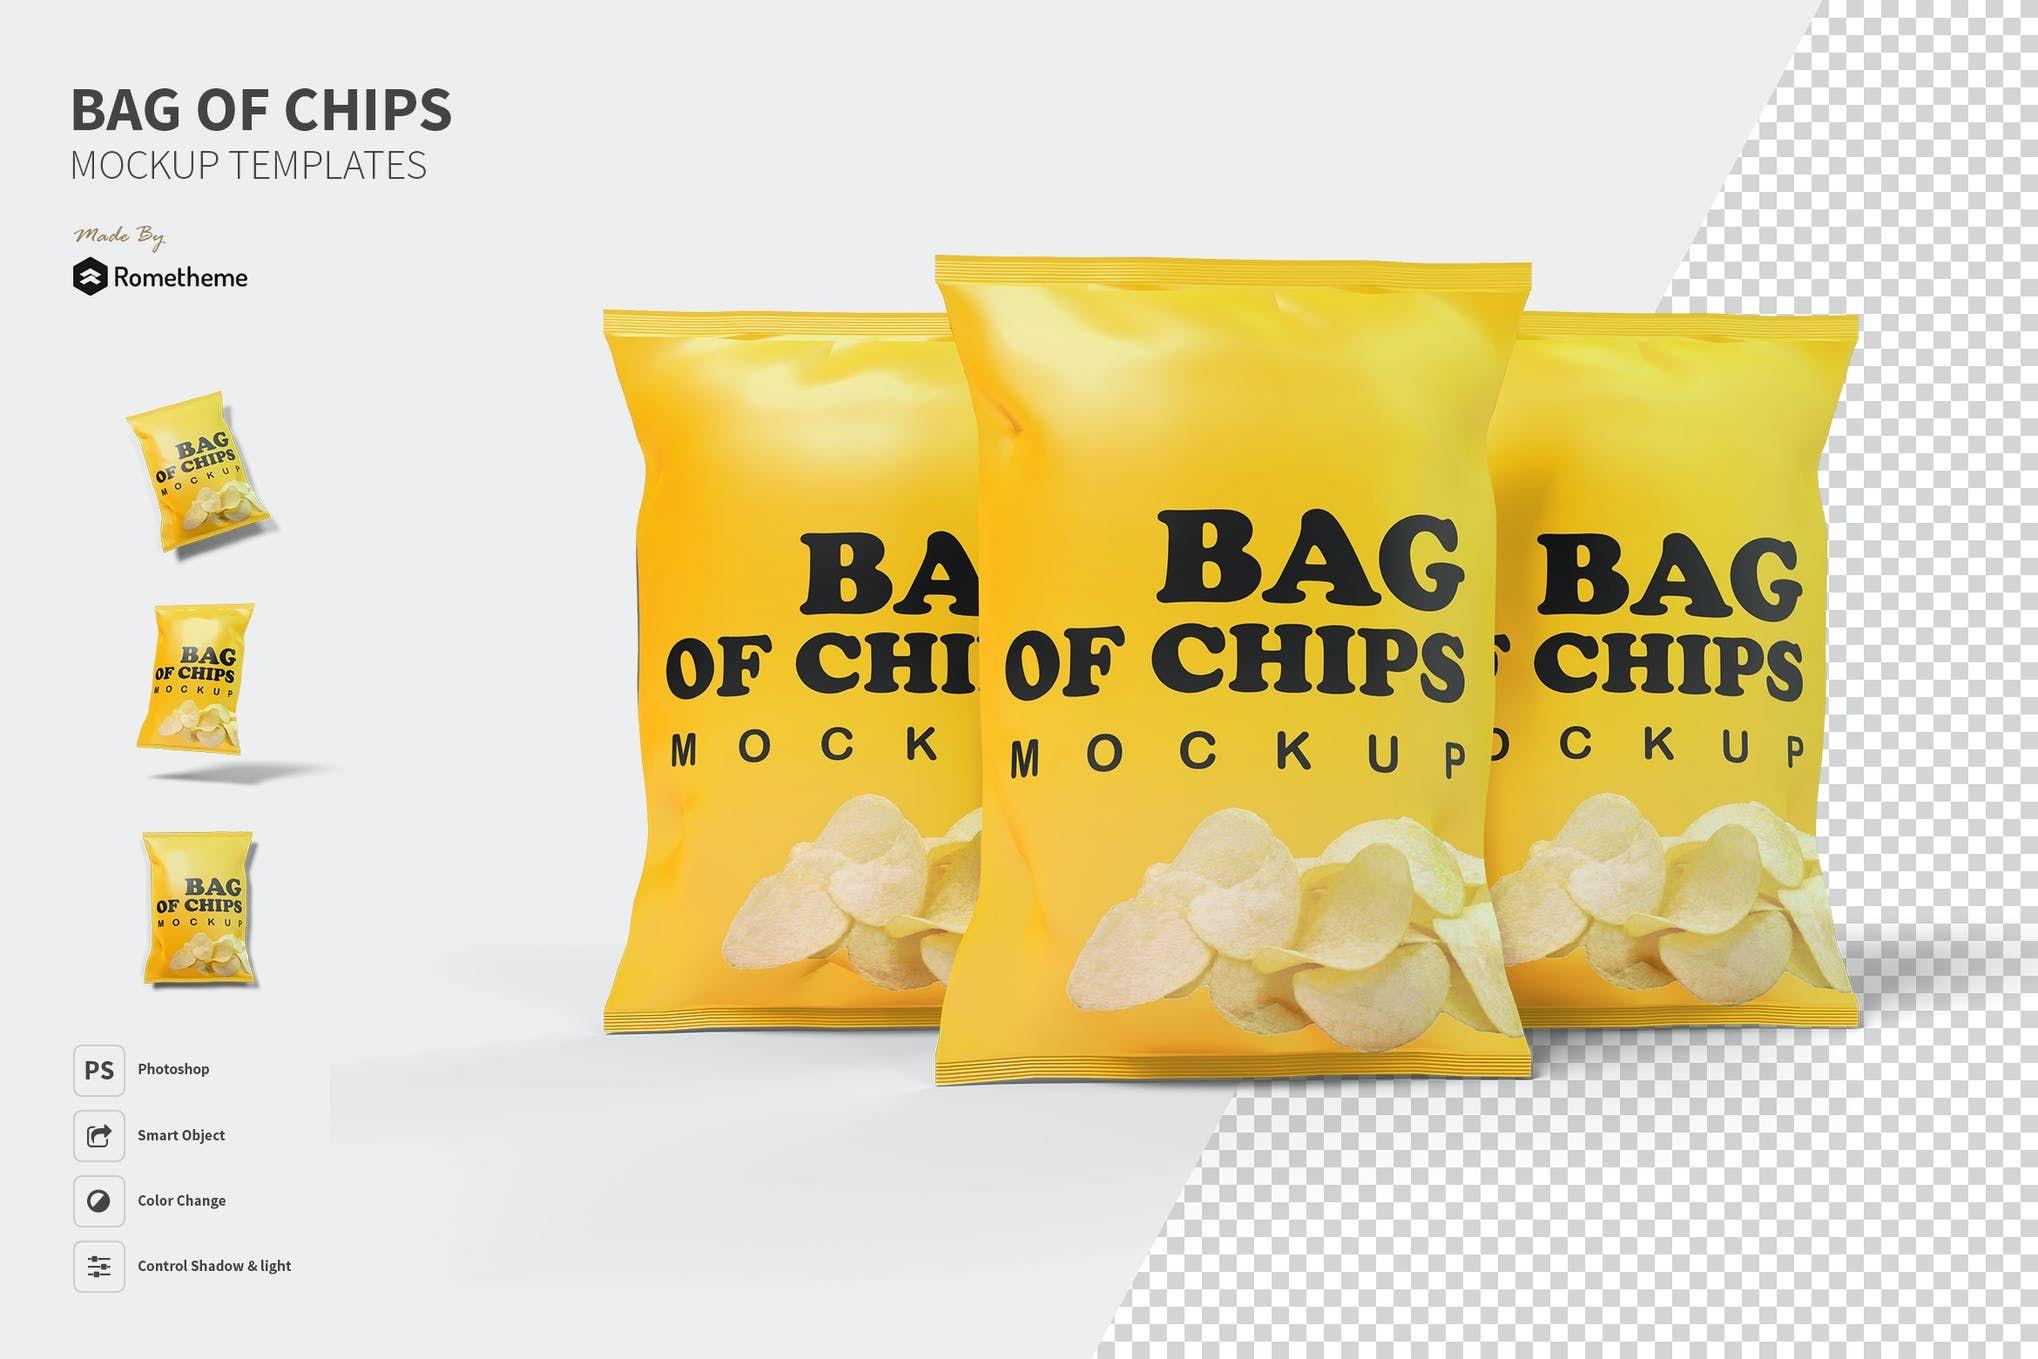 Download Bag Of Chips Mockup Psd Chip Bags Bottle Mockup Dropper Bottles